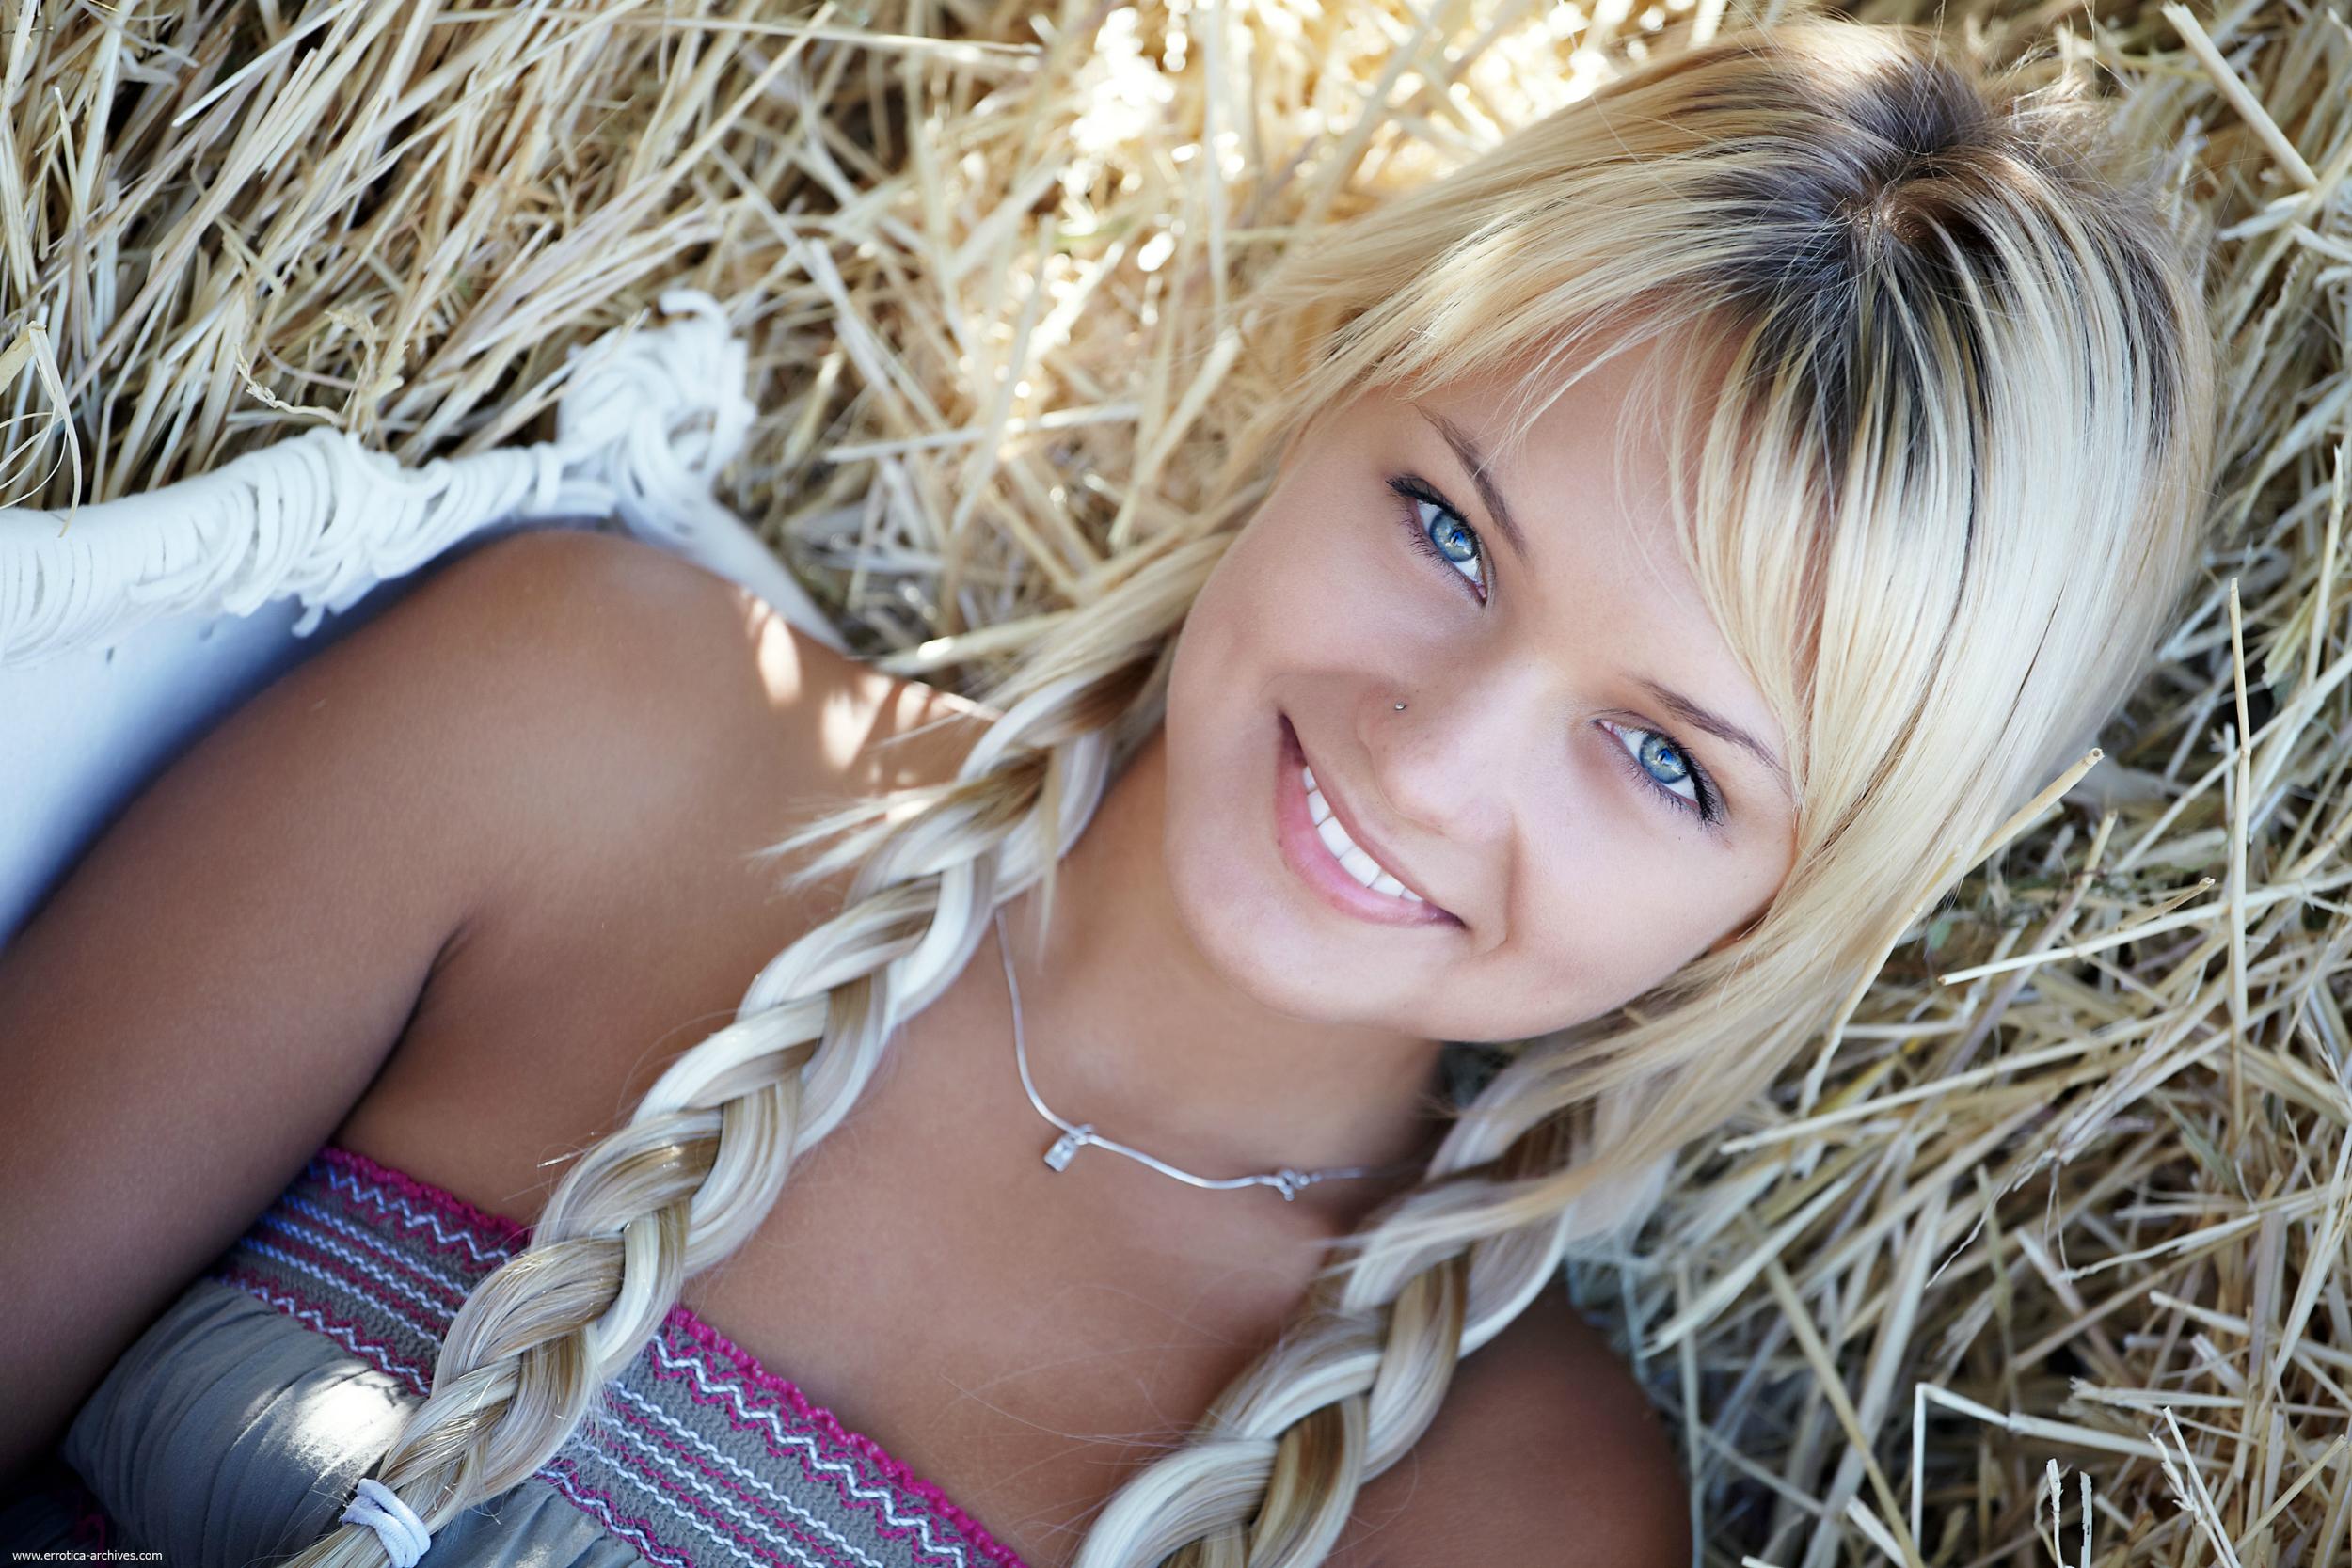 Порно видео Monroe - Юная 18 лет блондинка и розовый